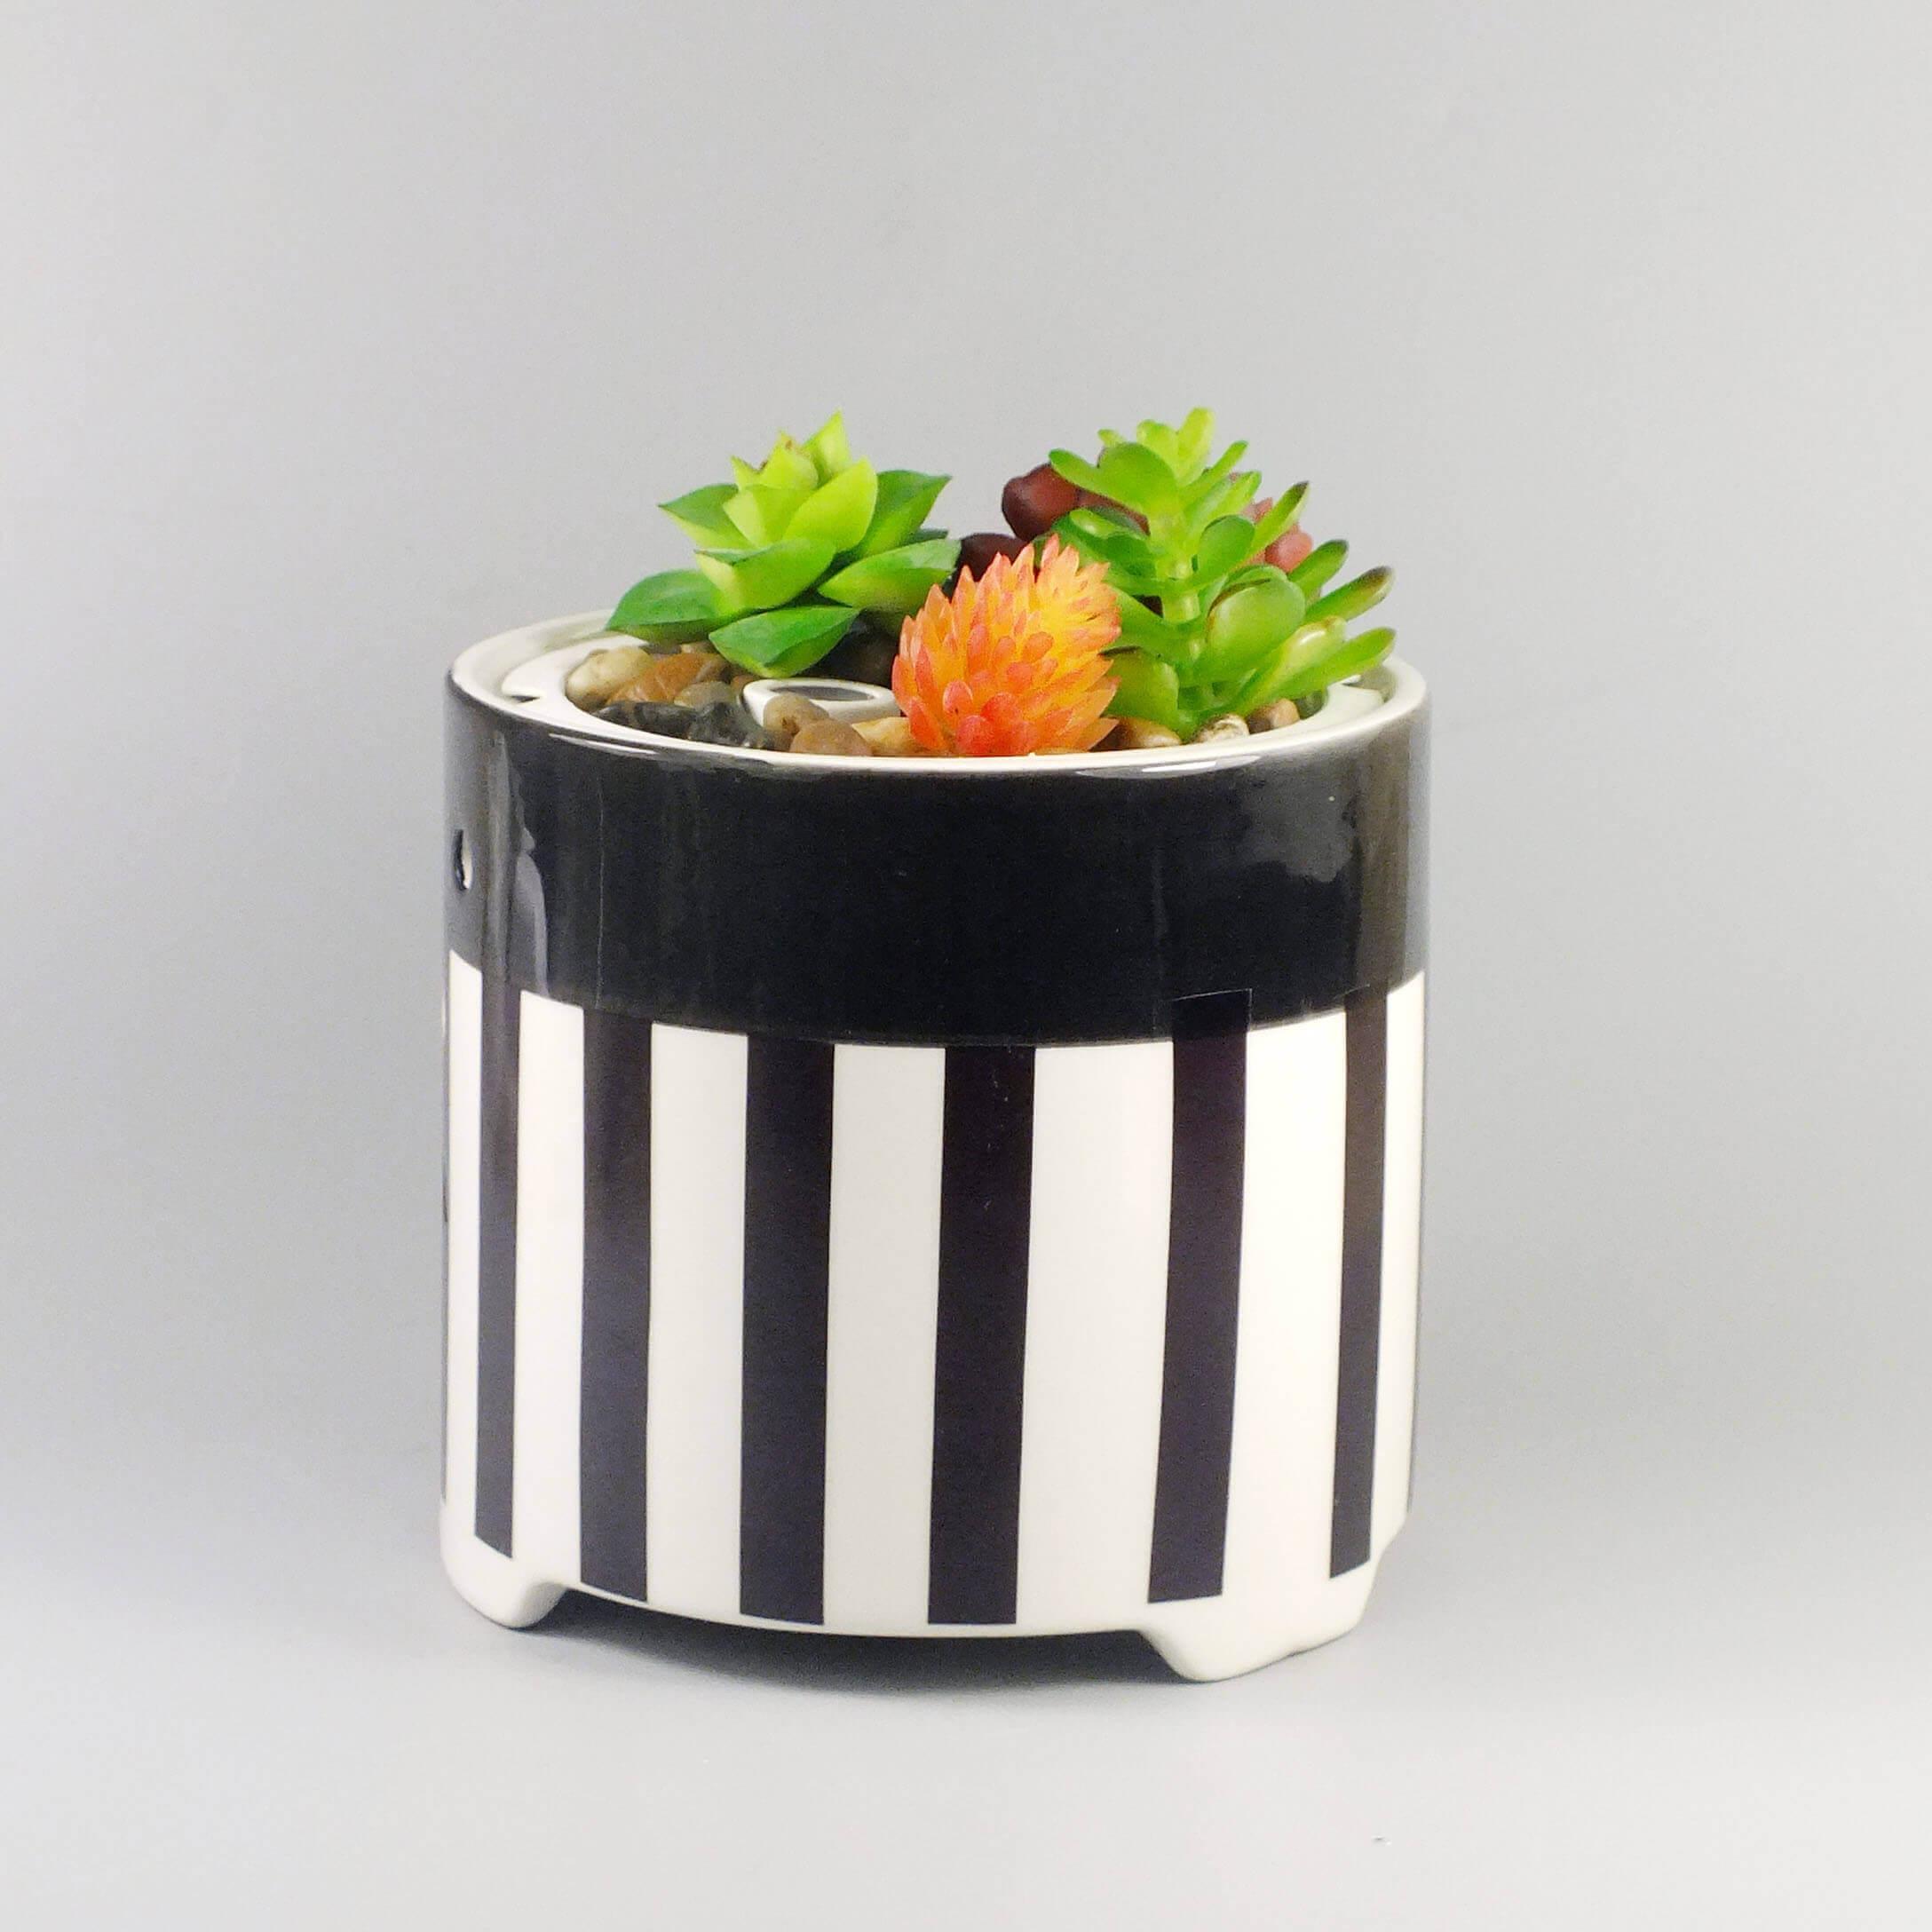 New-Arrival-Succulent-plant-pot-aroma-diffuser-GLEA20105S